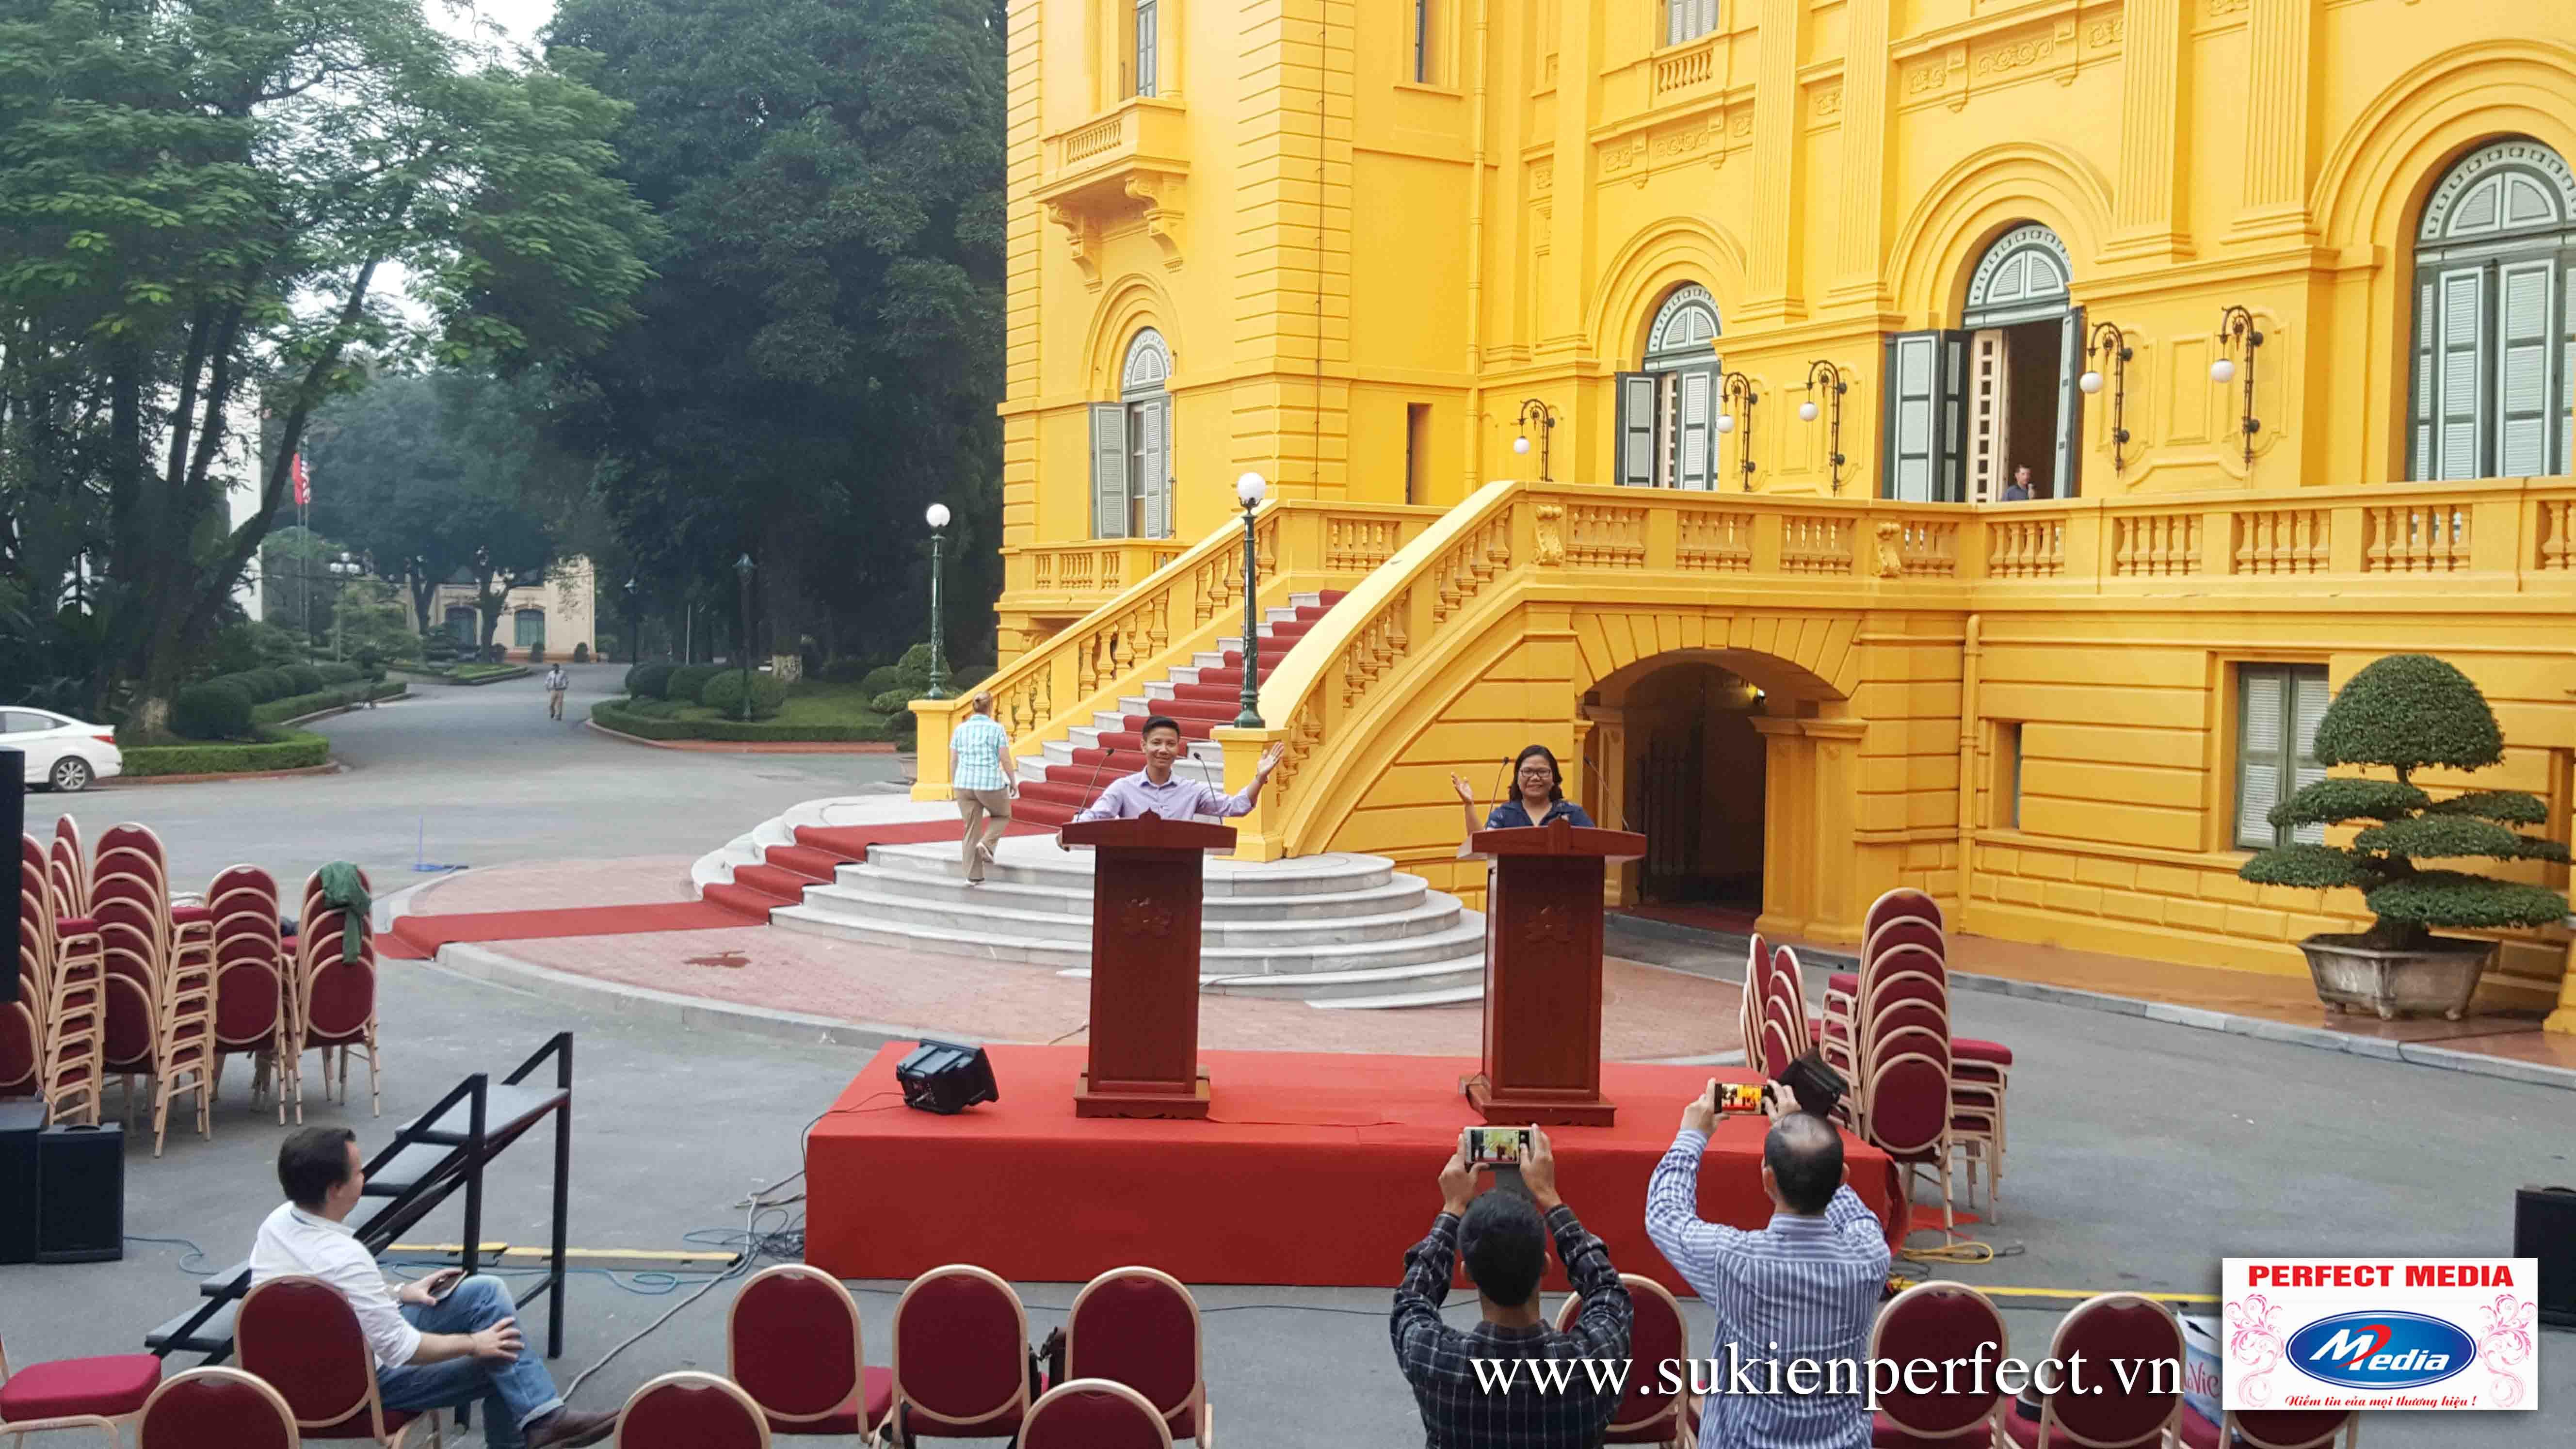 Sân khấu họp báo Tổng thống Mỹ Donald Trump và Chủ tịch Nước Trần Đại Quang